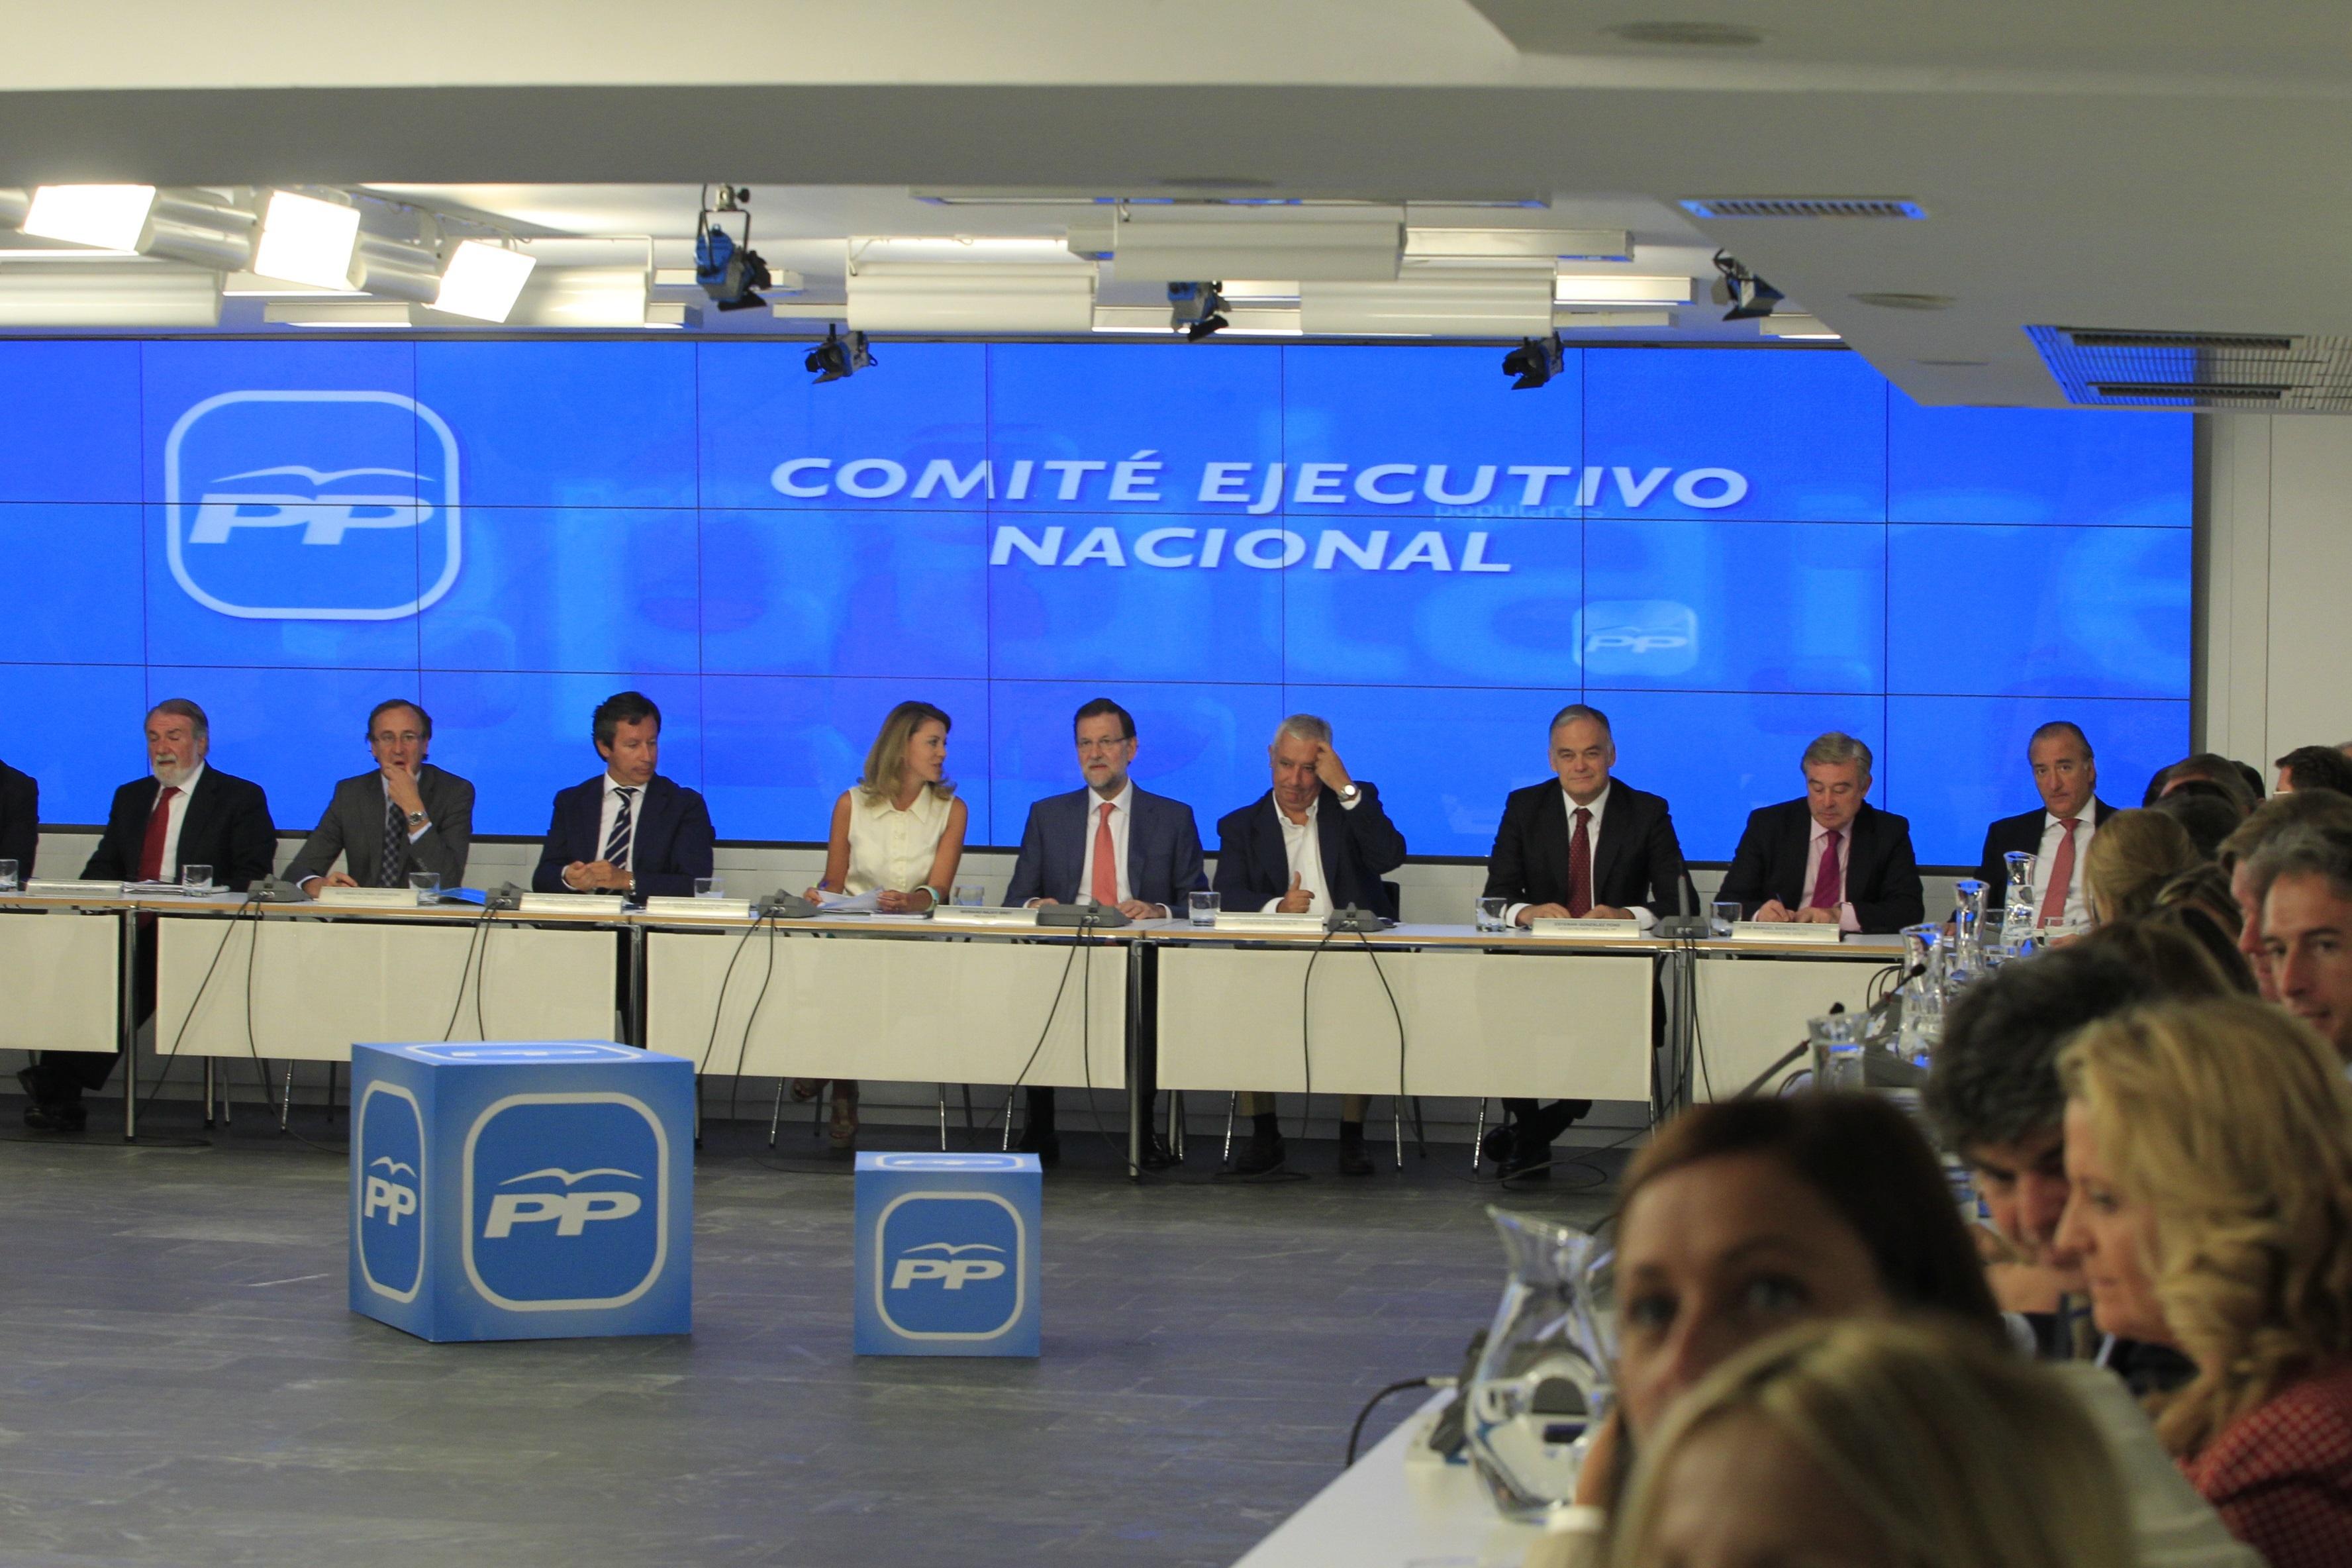 El PP se reunirá en Canarias para debatir la situación política